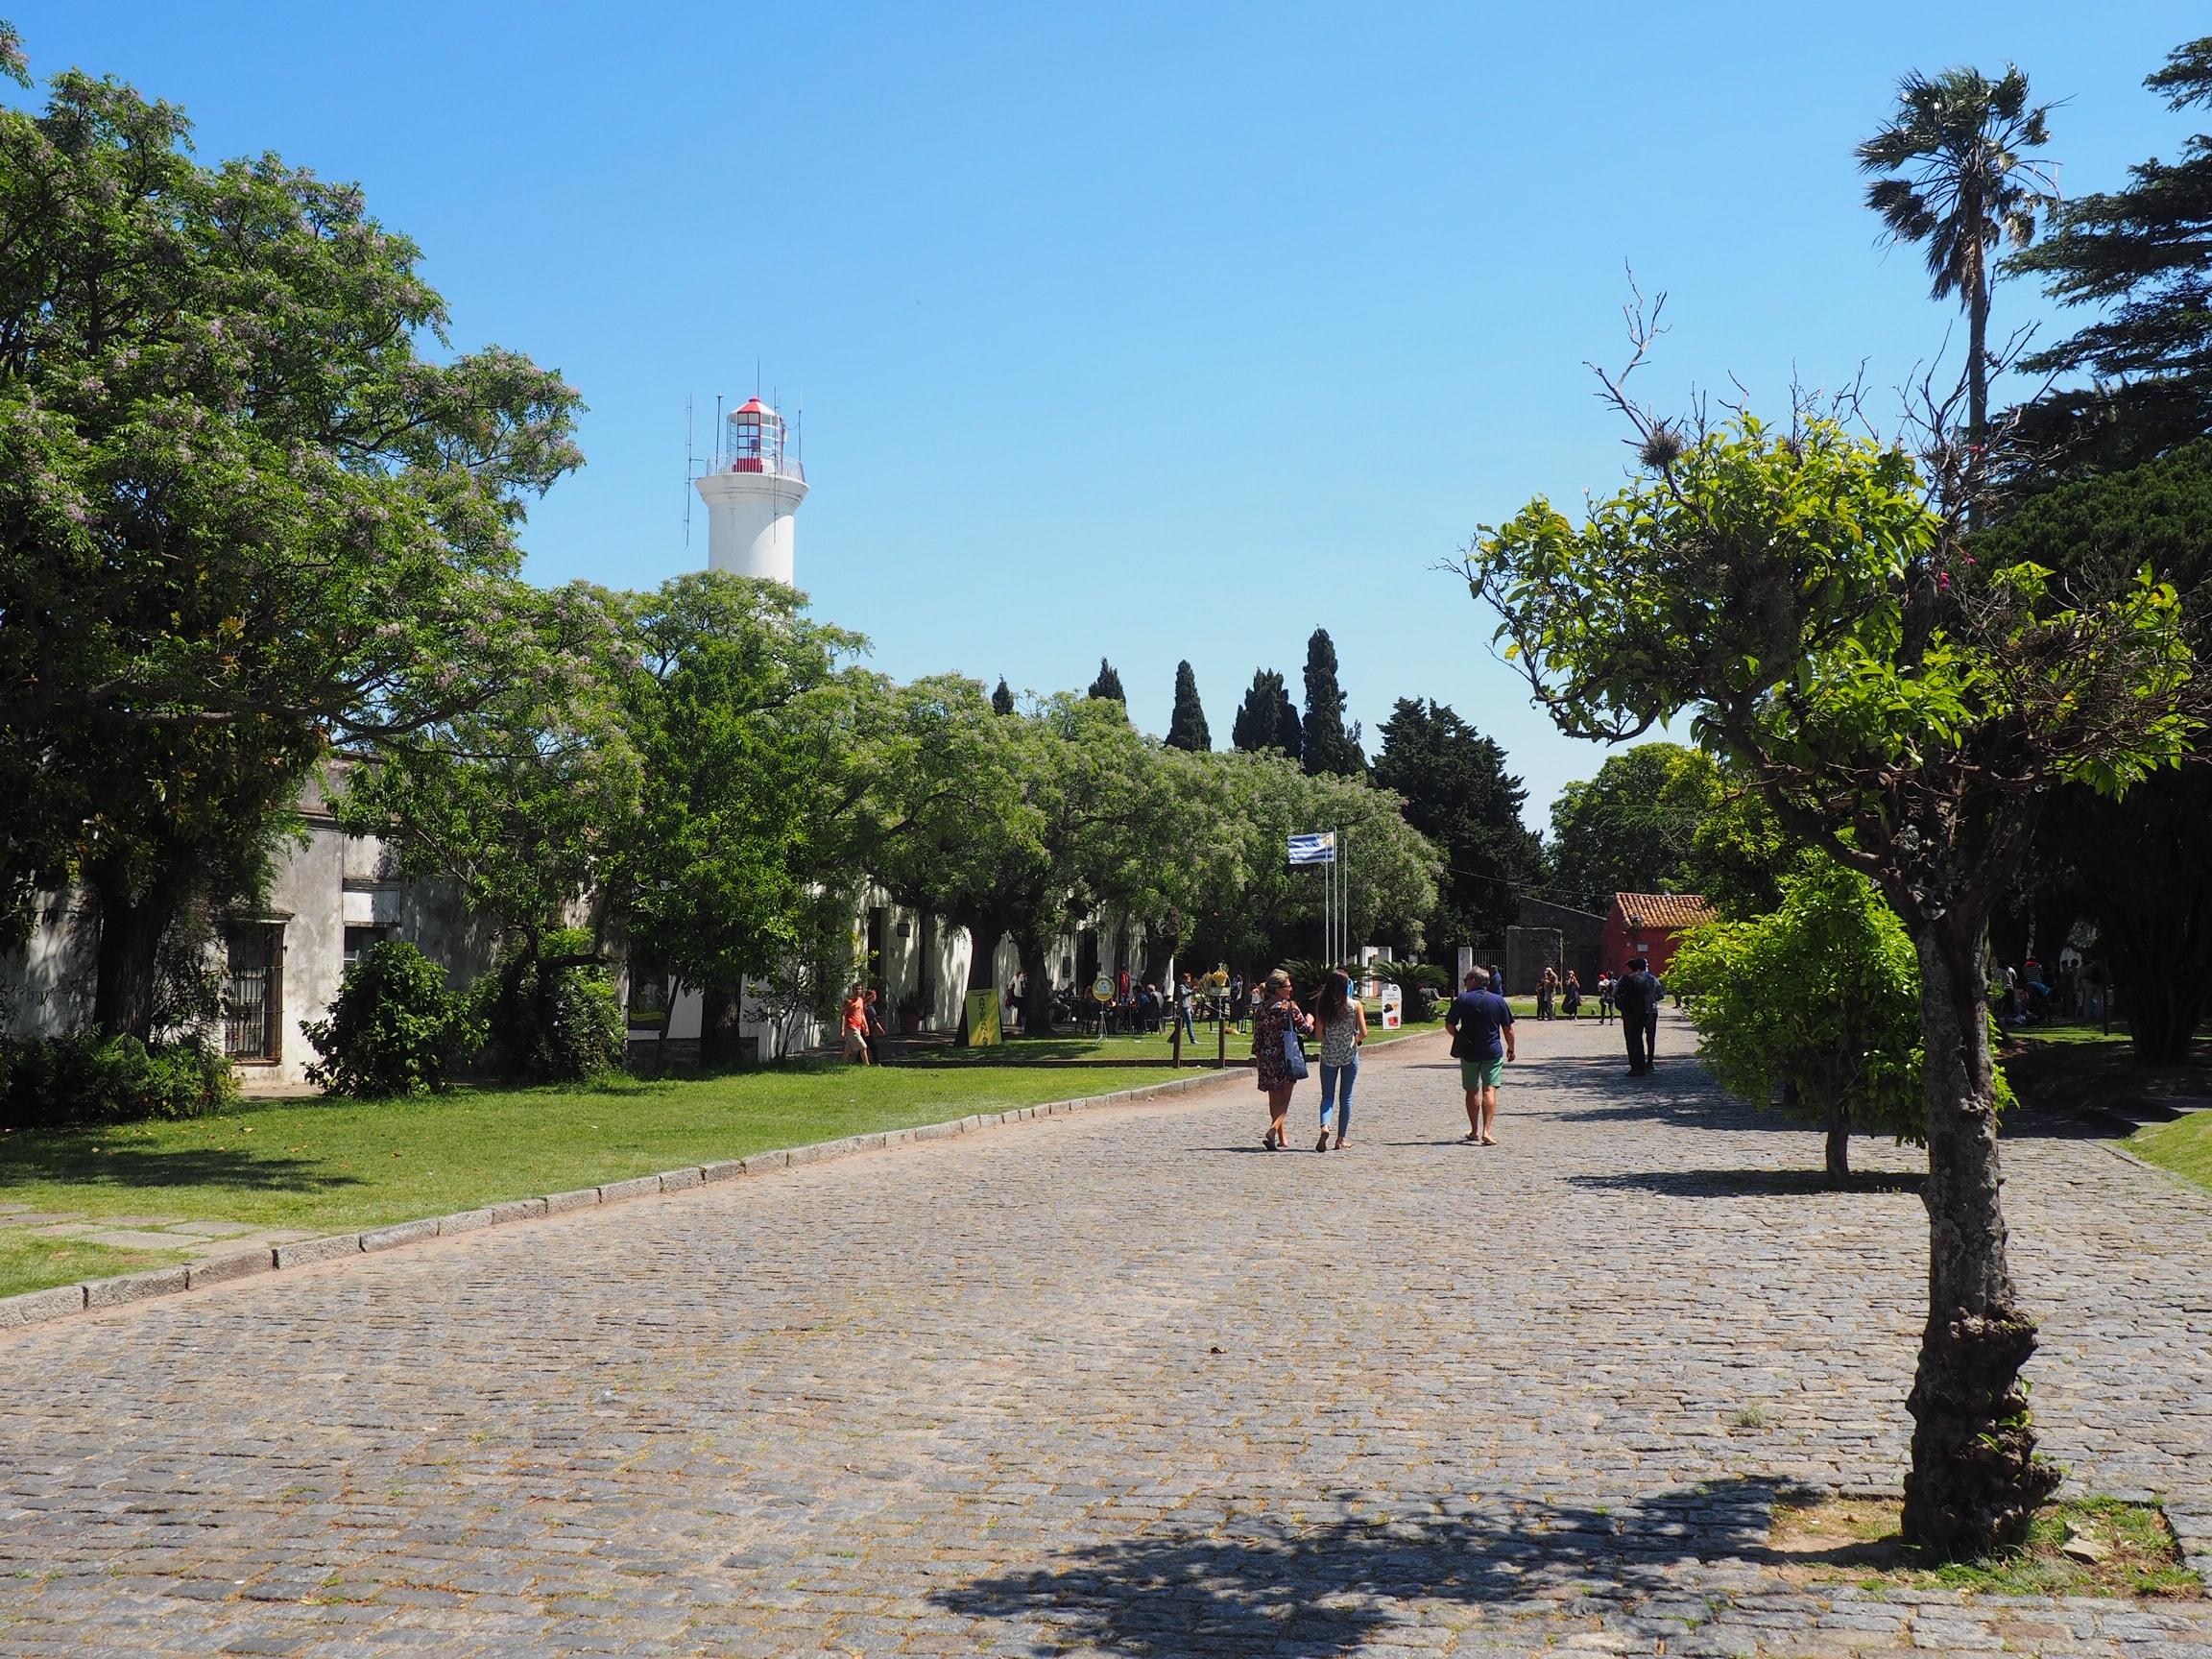 Paseo por el Barrio Histórico de Colonia (Uruguay)